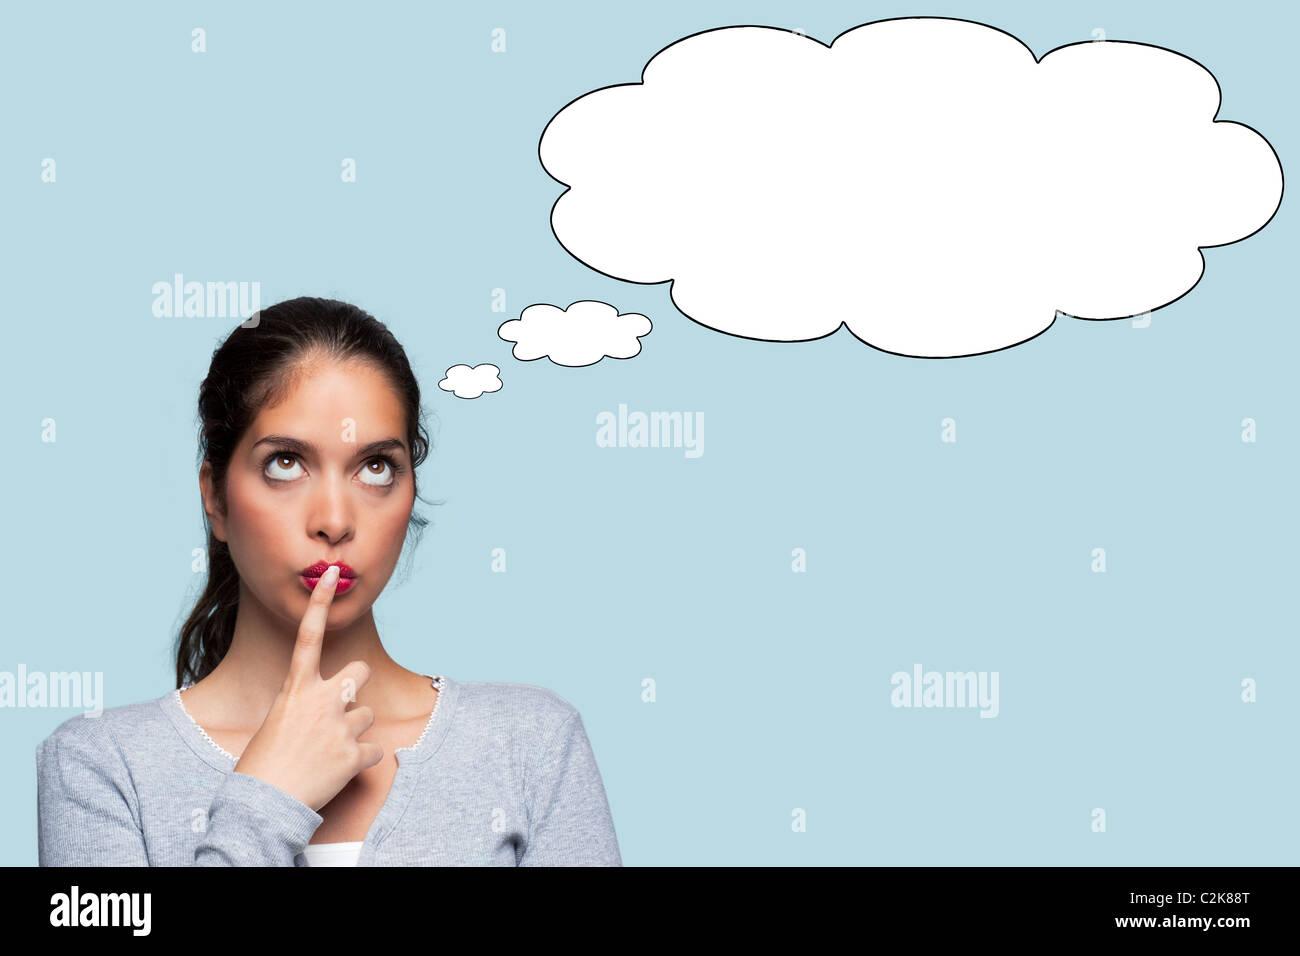 Foto de una mujer con una expresión, pensamiento reflexivo burbujas para agregar su propio texto o imagen. Imagen De Stock